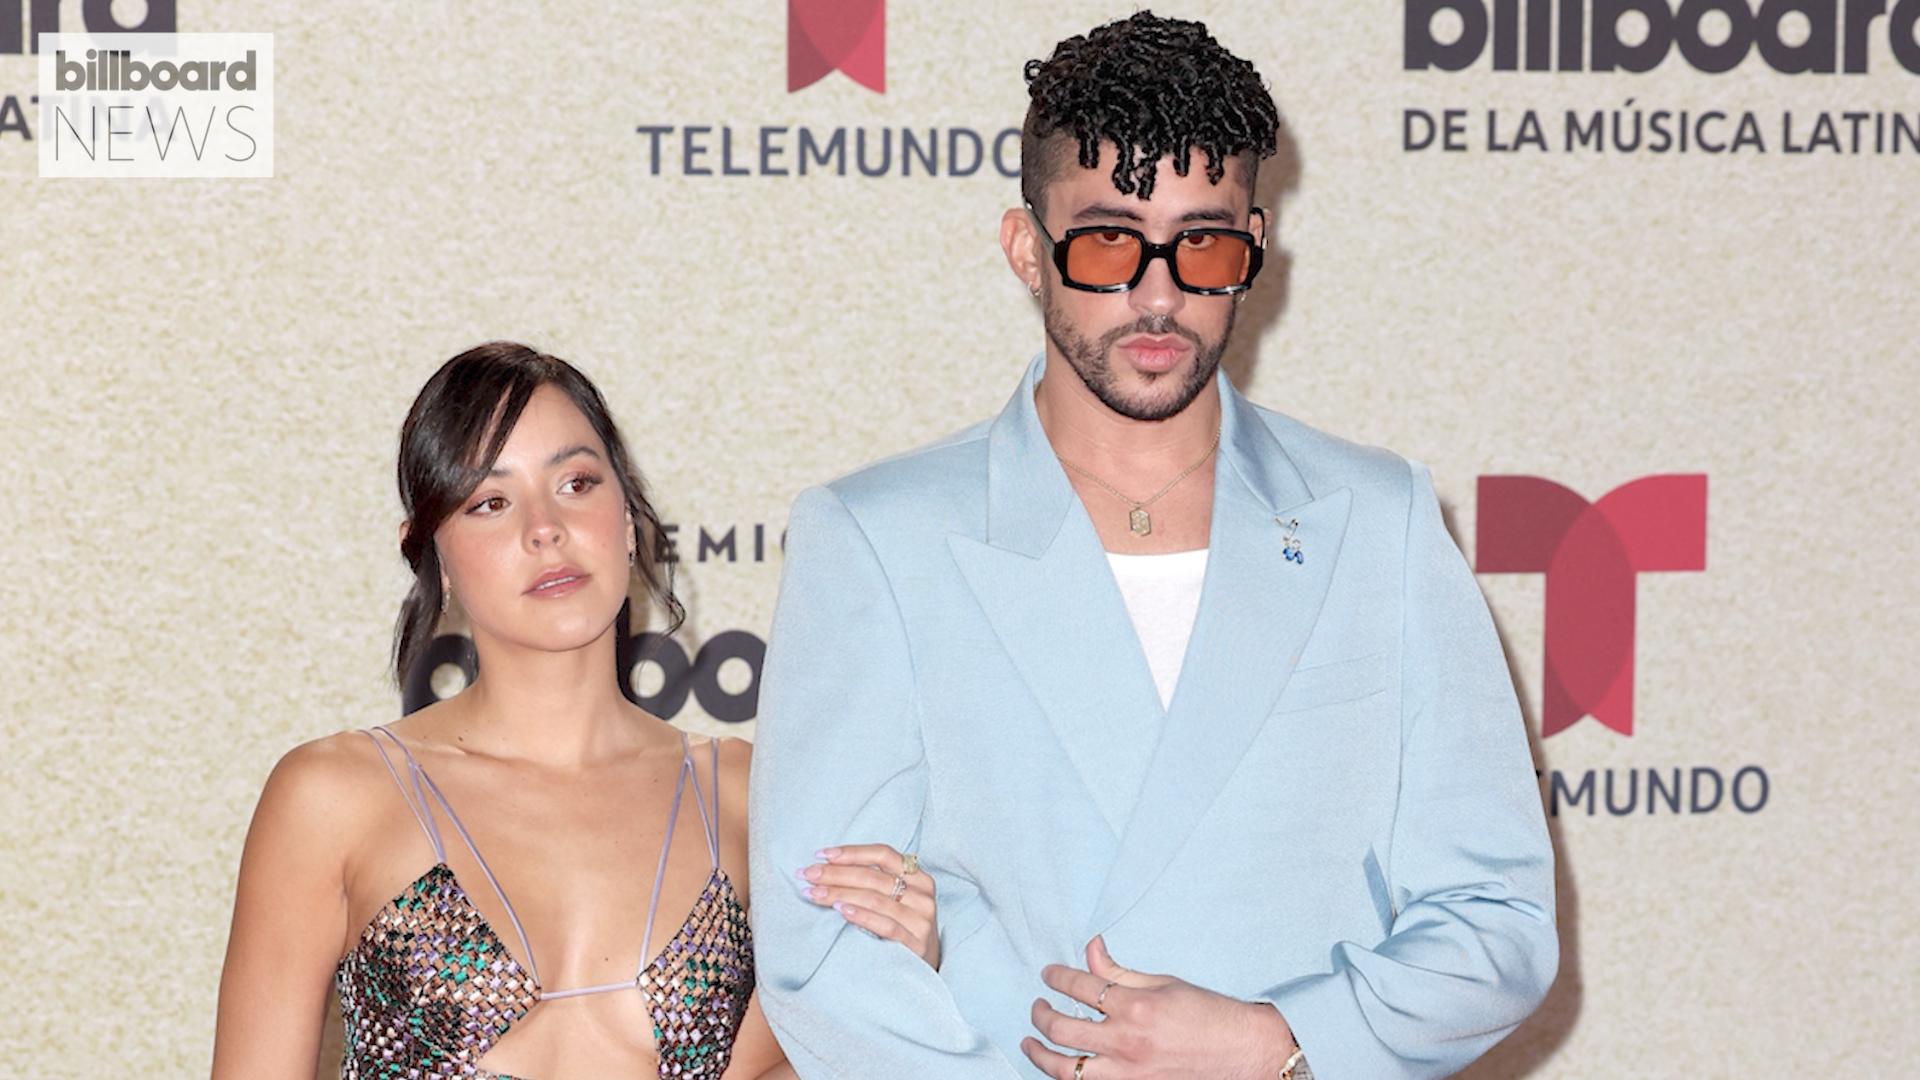 Bad Bunny Wins Big at 2021 Billboard Latin Music Awards: Full Winners List - Billboard